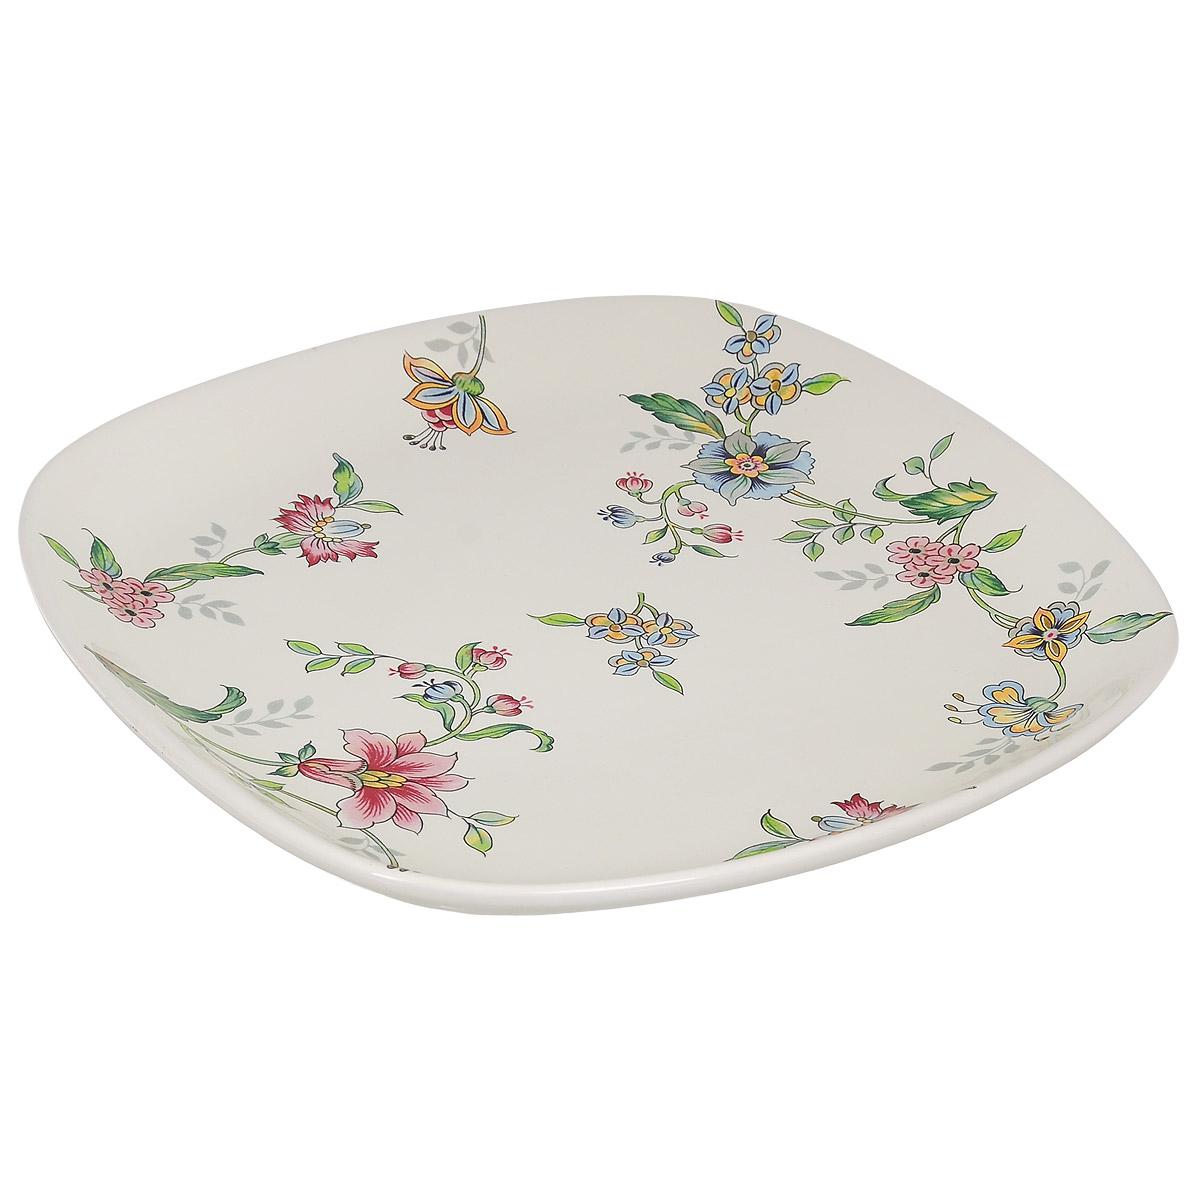 Тарелка Nuova Cer Прованс, 25,5 см х 25,5 см60690Изящная тарелка Nuova Cer Прованс изготовлена из высококачественной керамики. Изделие оформлено красочным изображением цветов. Предназначена для сервировки закусок и различных блюд, а также для подачи вторых блюд. Оригинальная тарелка прекрасно оформит стол и порадует вас лаконичным и ярким дизайном.Можно использовать в микроволновой печи и мыть в посудомоечной машине.Размер тарелки (по верхнему краю): 25,5 см х 25,5 см.Высота тарелки: 3,3 см.